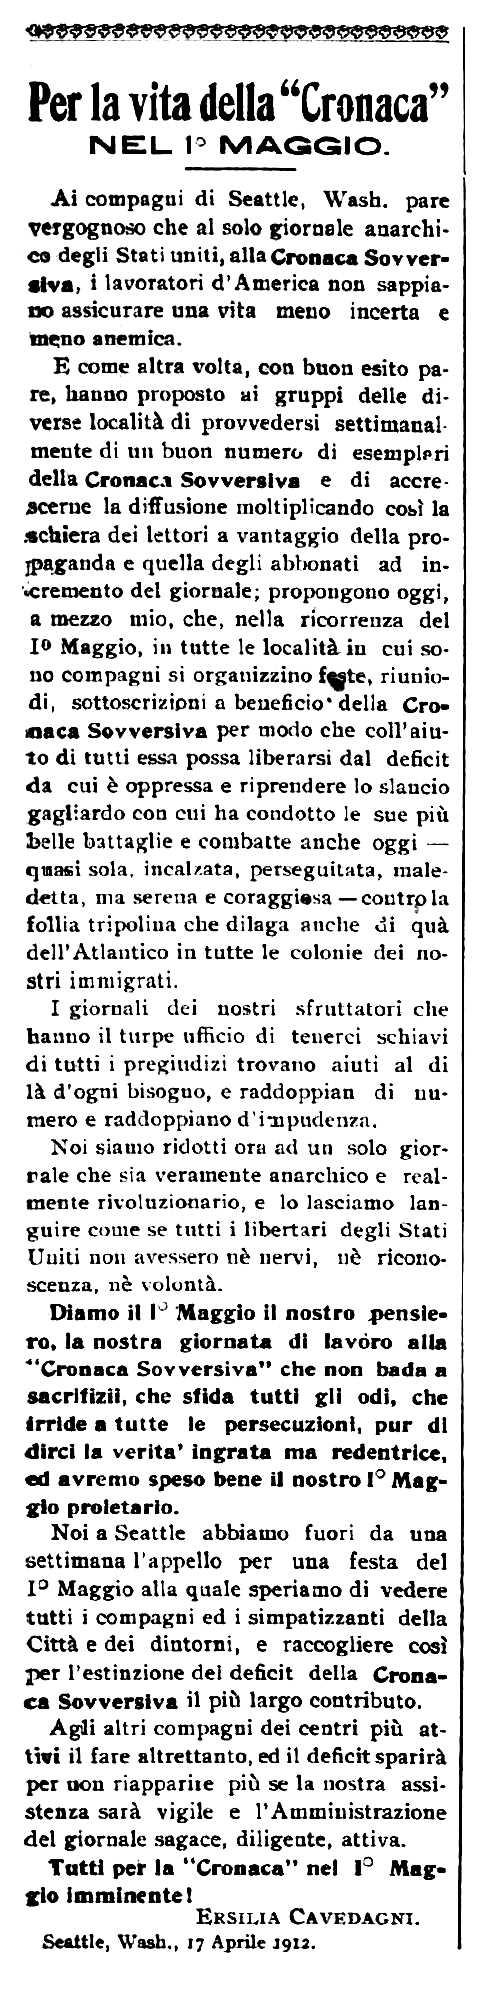 """Crida d'Ersilia Cavedagni publicada en el periòdic de Barre (Vermont, EUA) """"Cronaca Sovversiva"""" del 27 d'abril de 1912"""